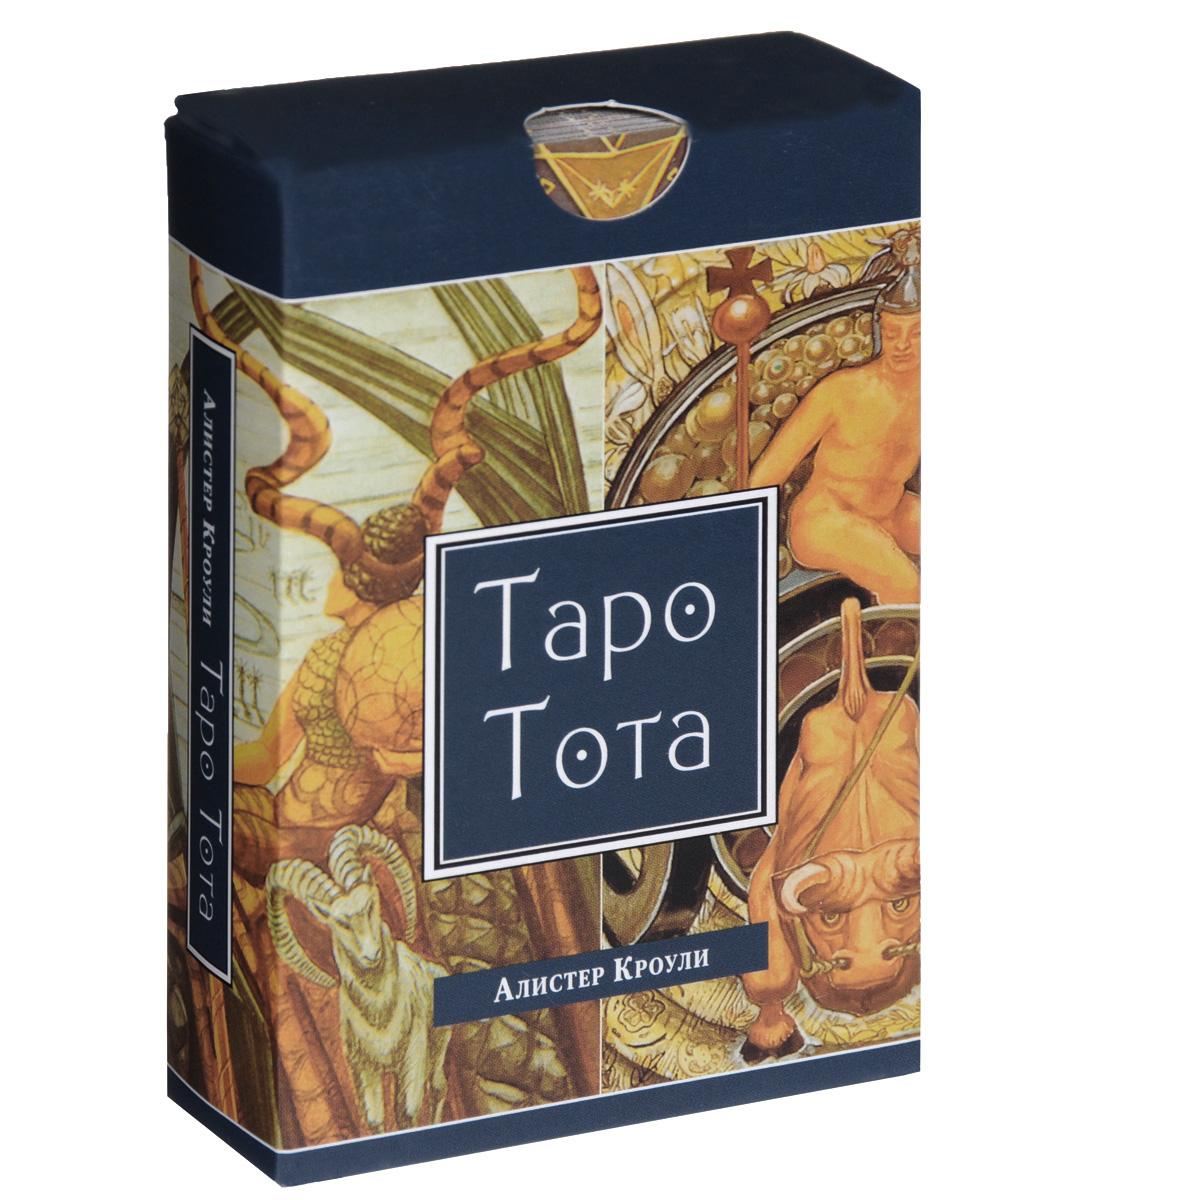 Таро Тота (набор из 78 карт + брошюра). Алистер Кроули